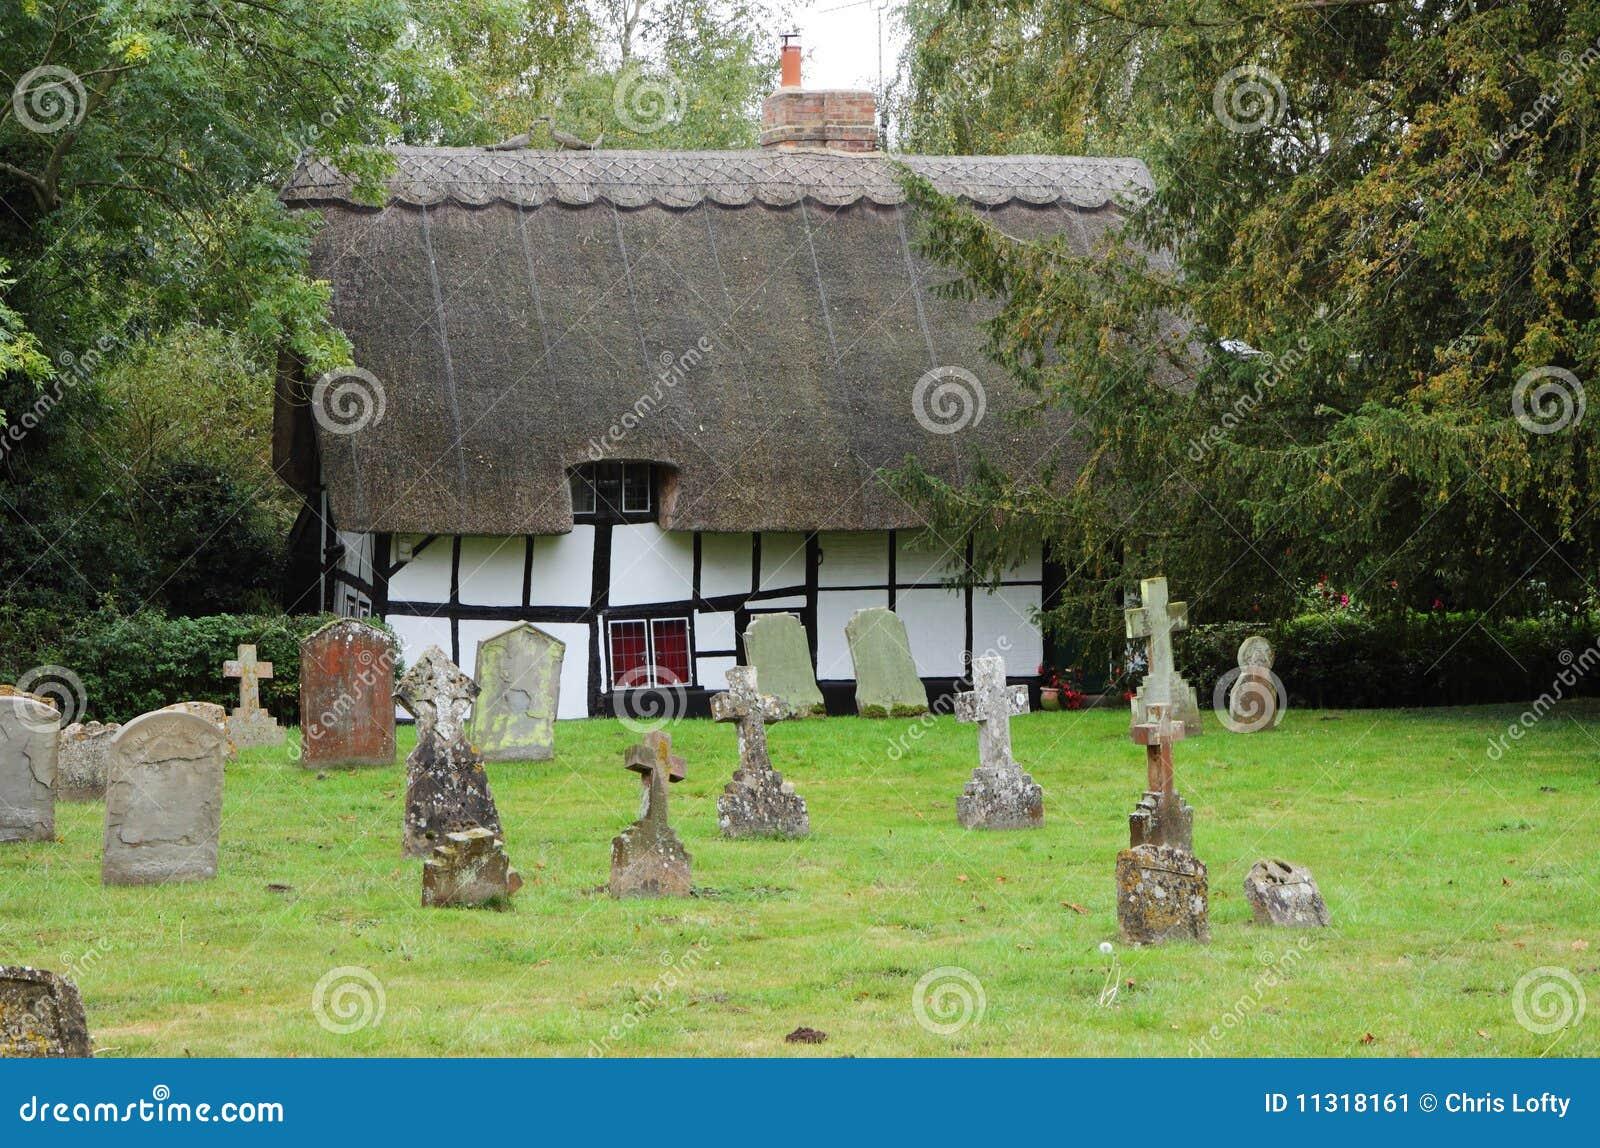 Traditionelles englisches Thatched Dorf-Häuschen